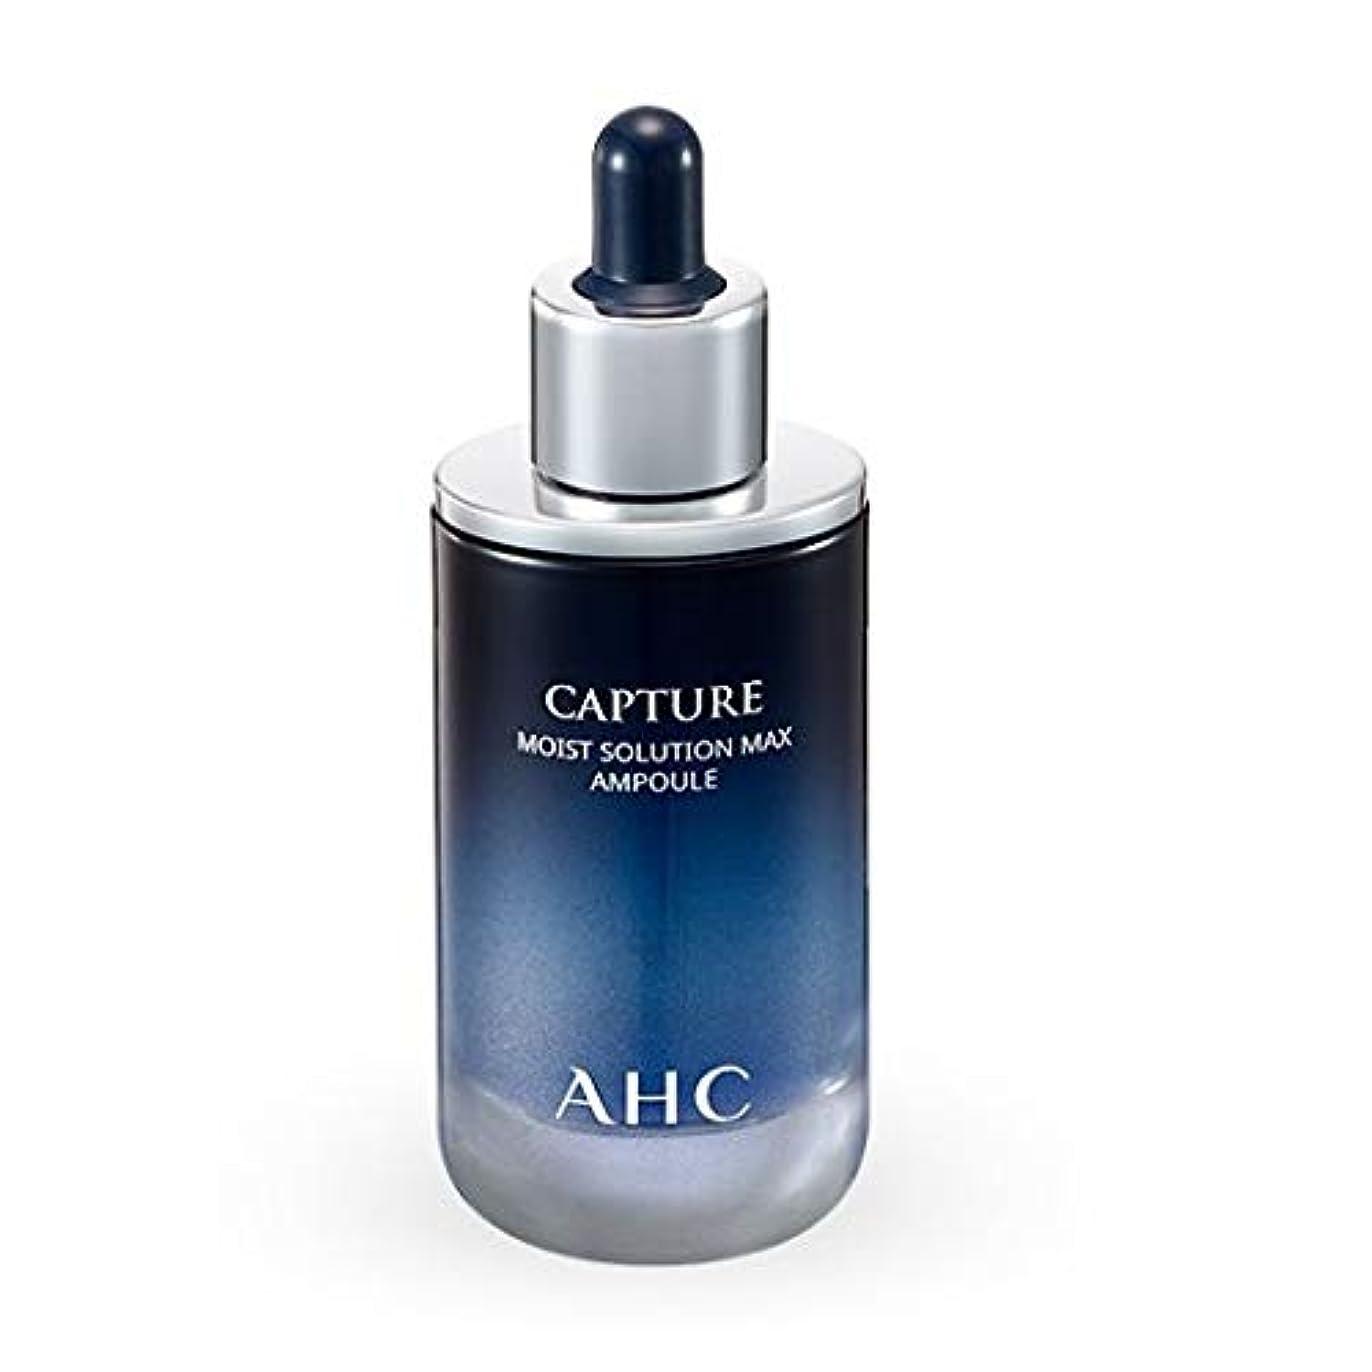 AHC Capture Moist Solution Max Ampoule/キャプチャー モイスト ソリューション マックス アンプル 50ml [並行輸入品]